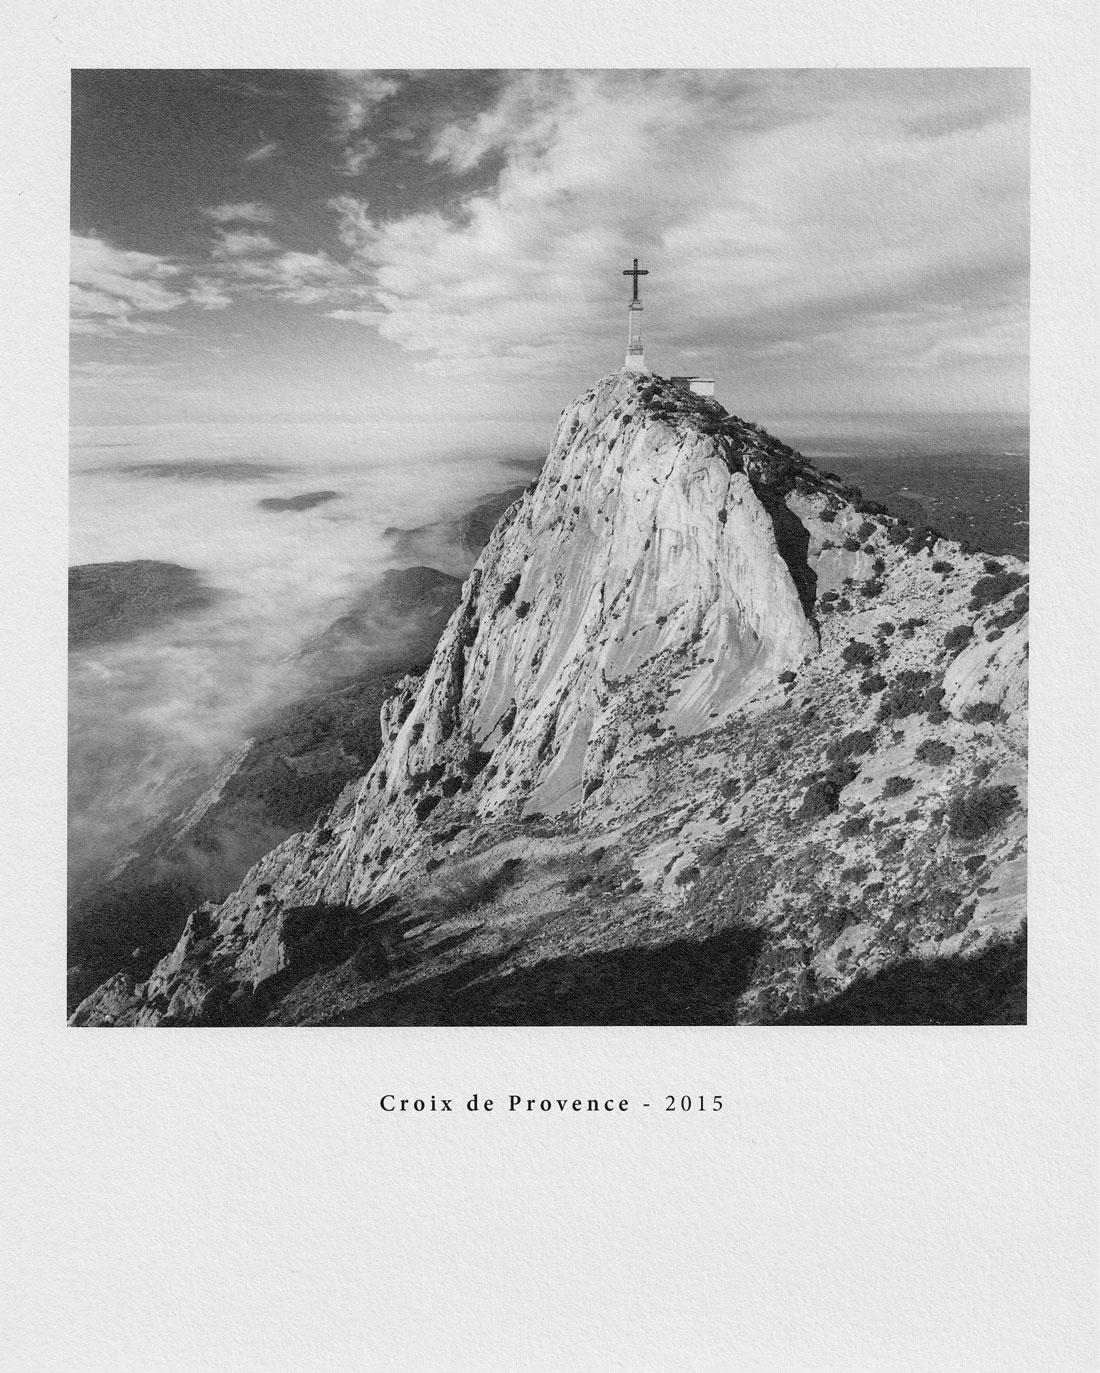 23-Croix-de-Provence-#2